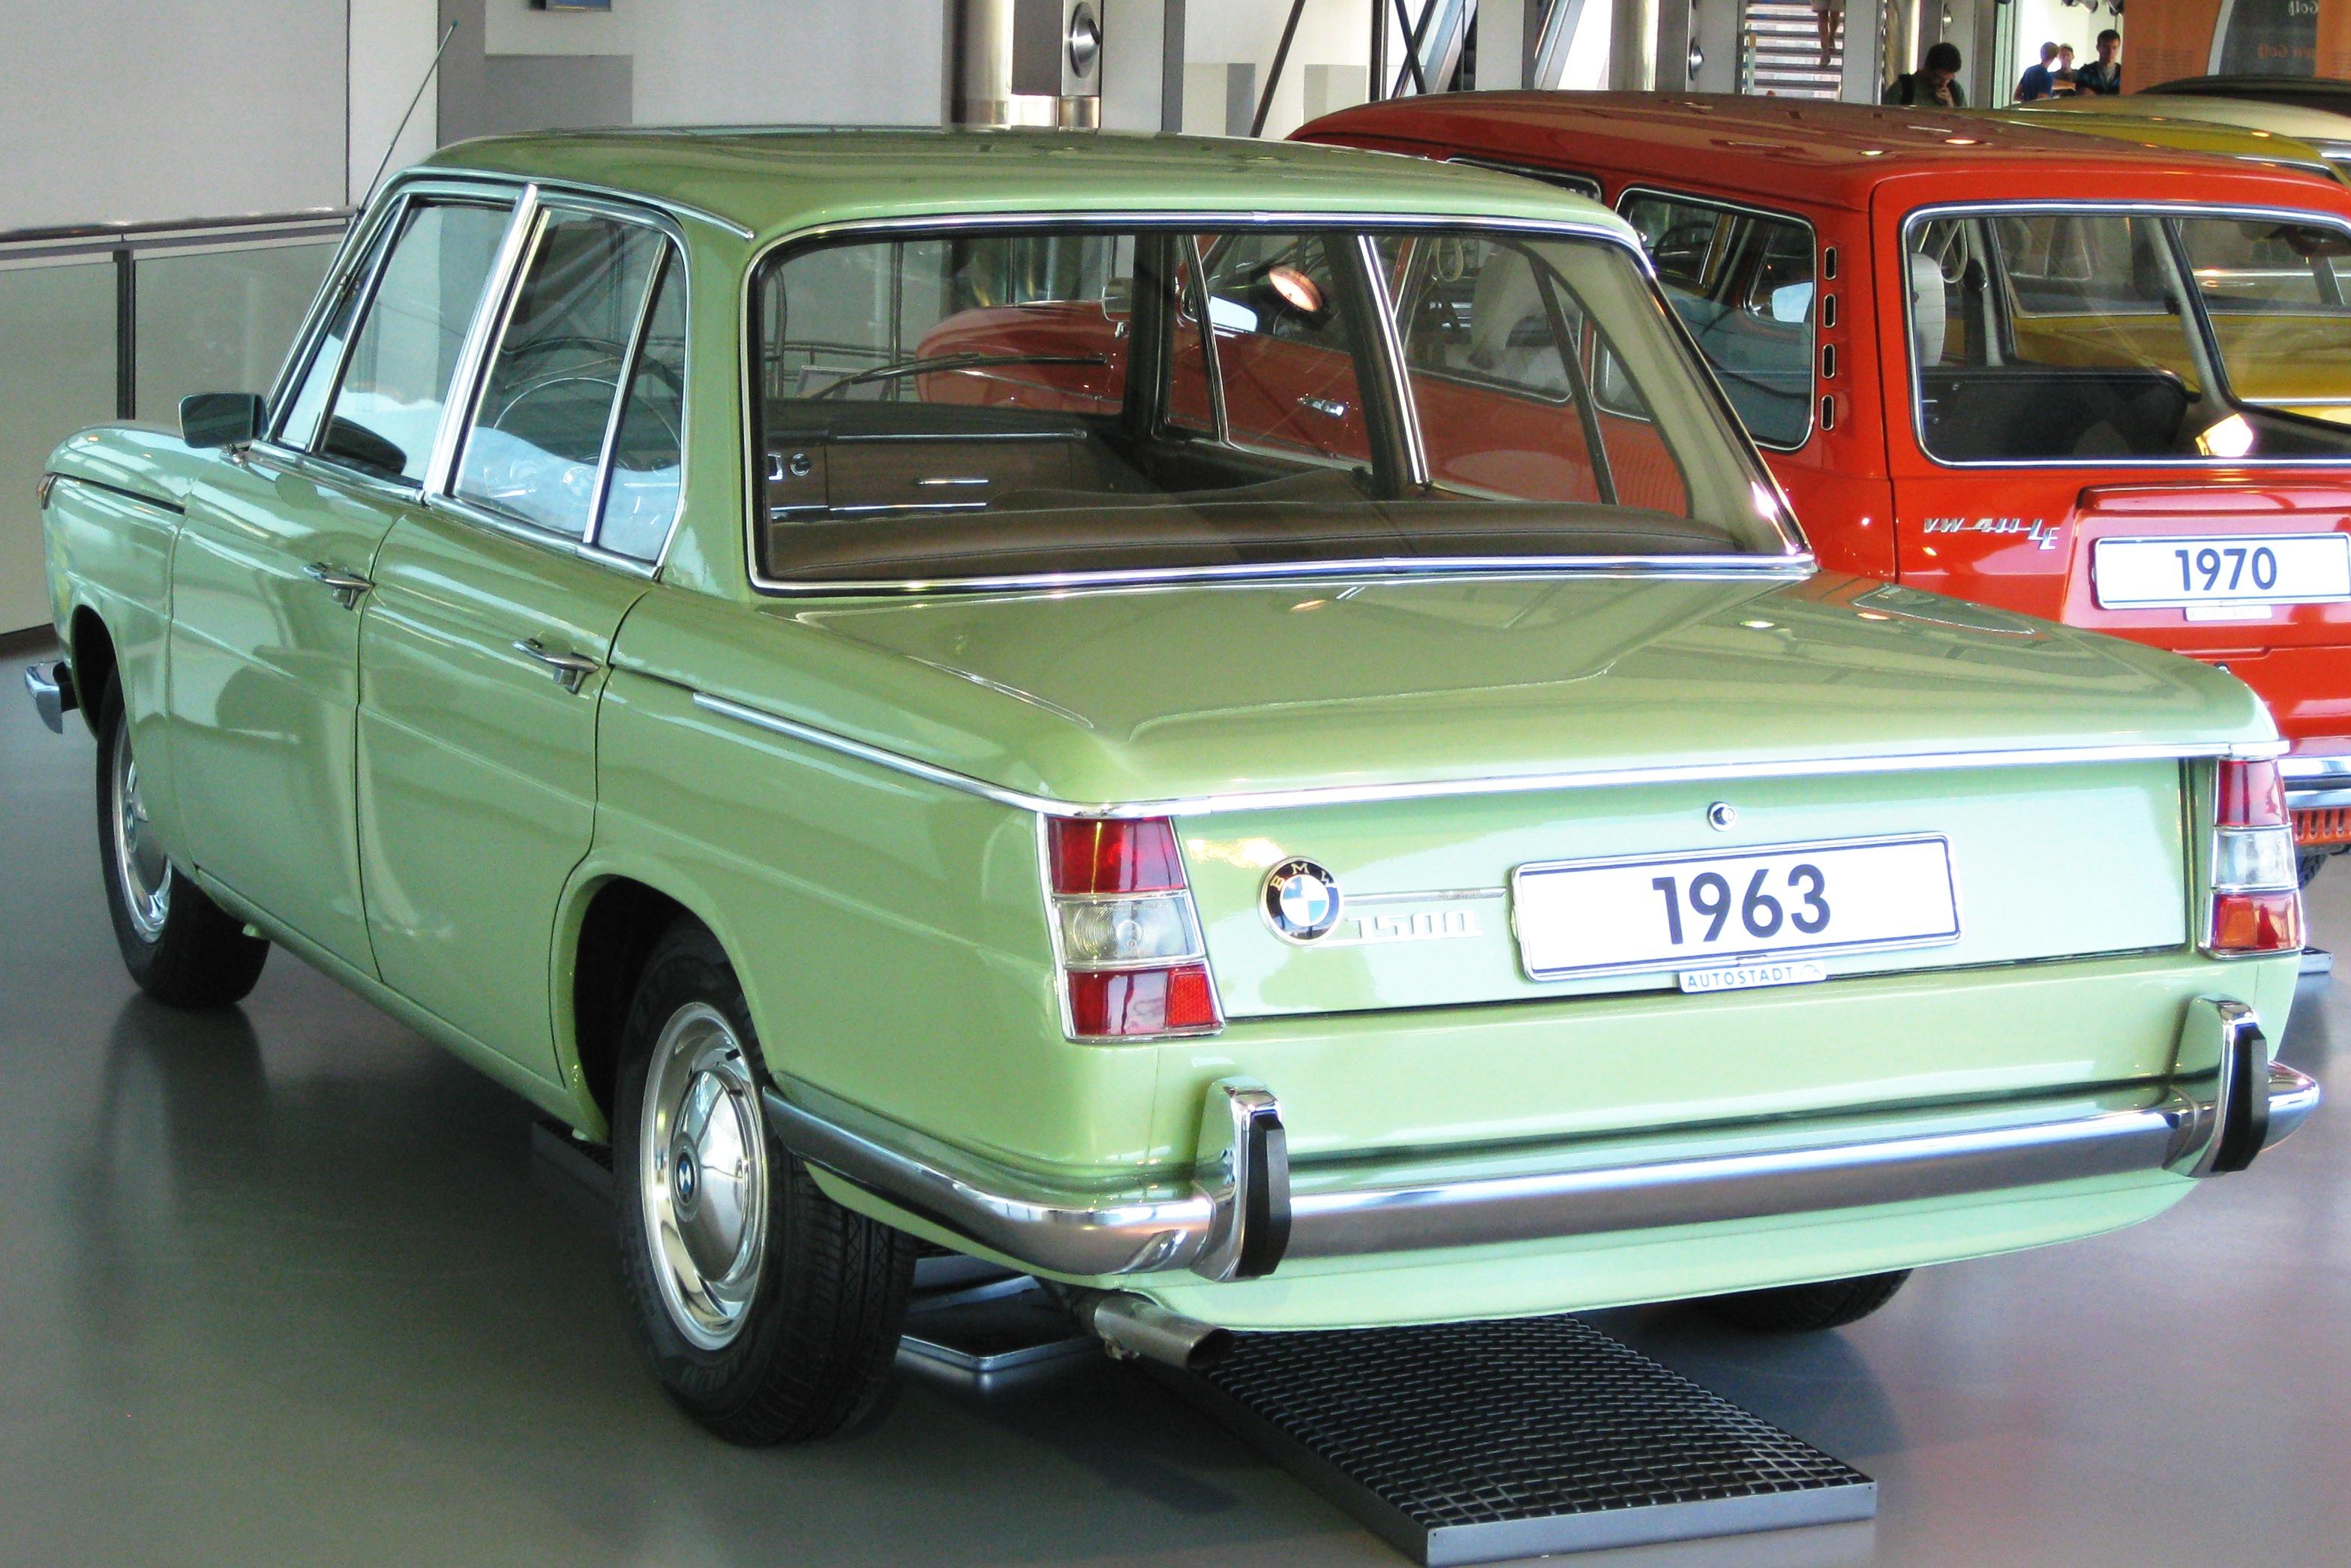 Pièces moteur et Huile : Injection carburation pour BMW 1500 2000  Vente De